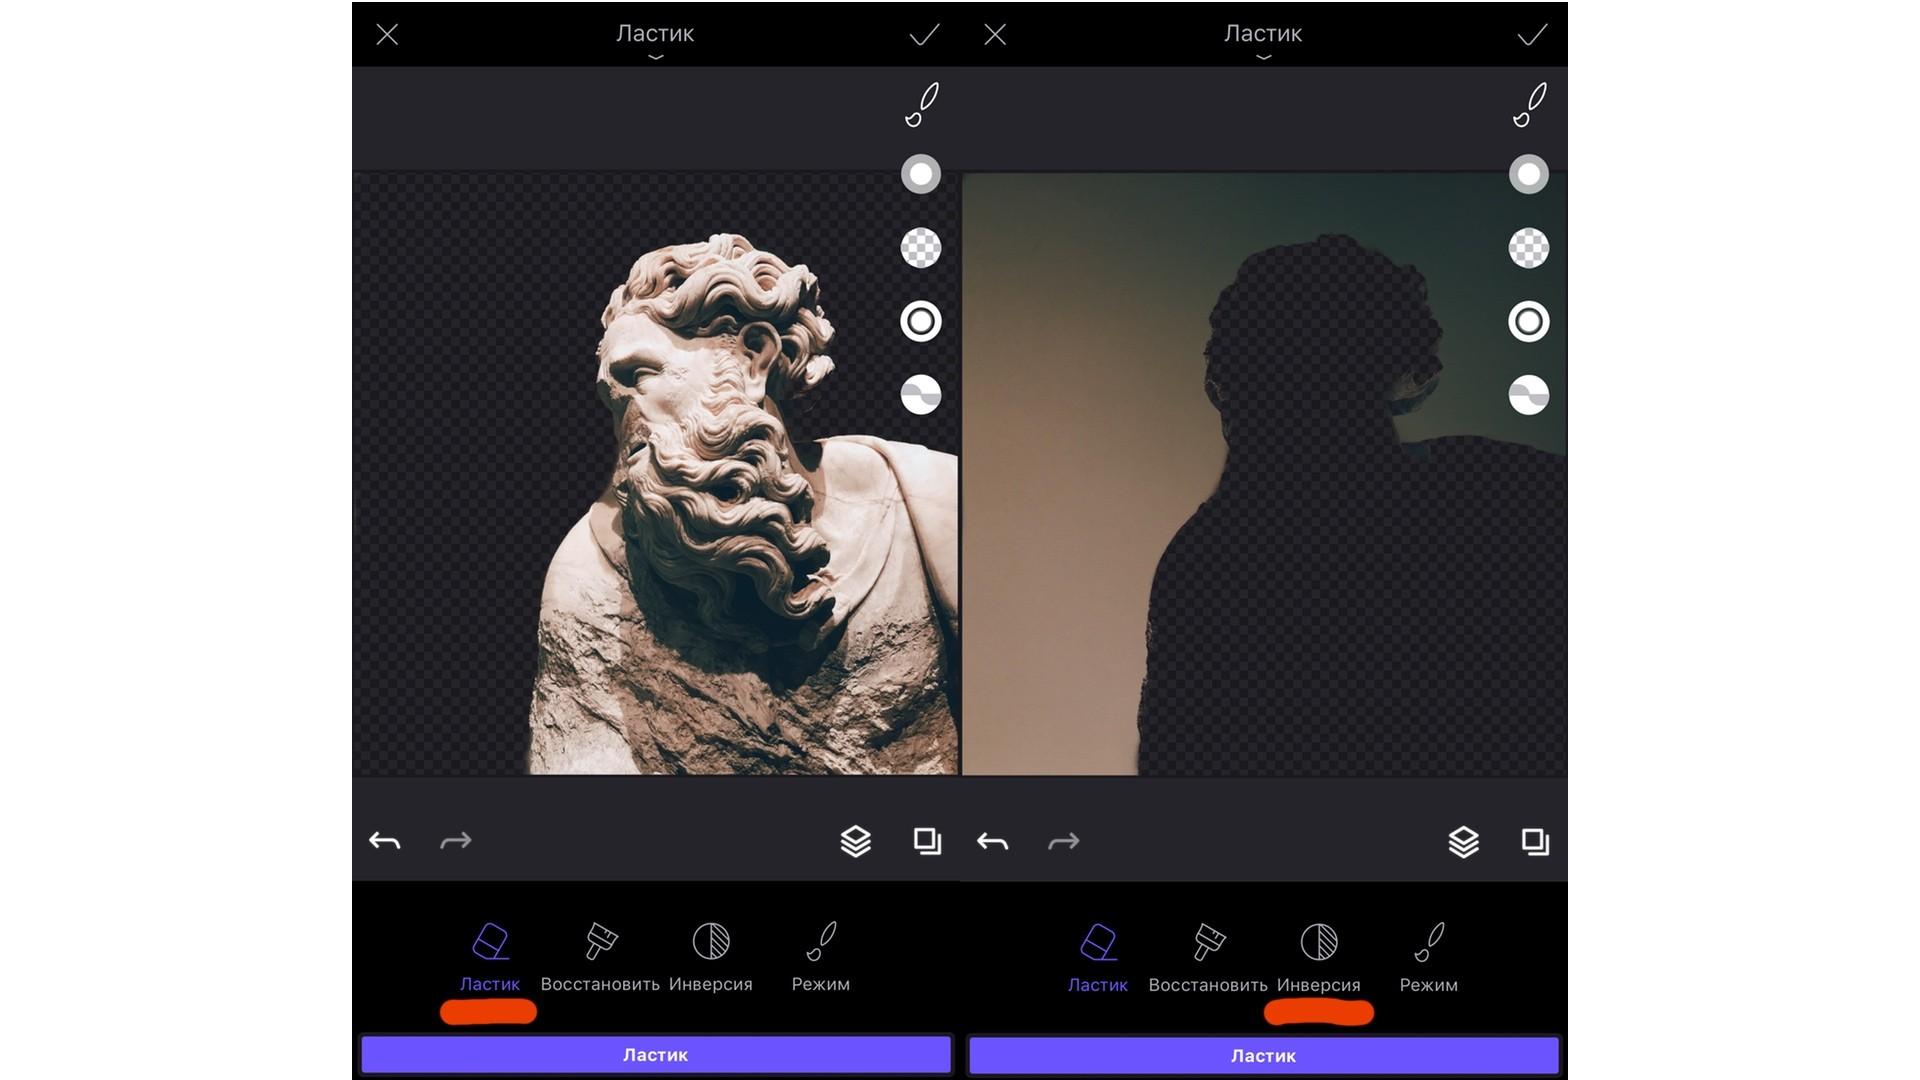 Айфон выгрузка фото информацией лазерном